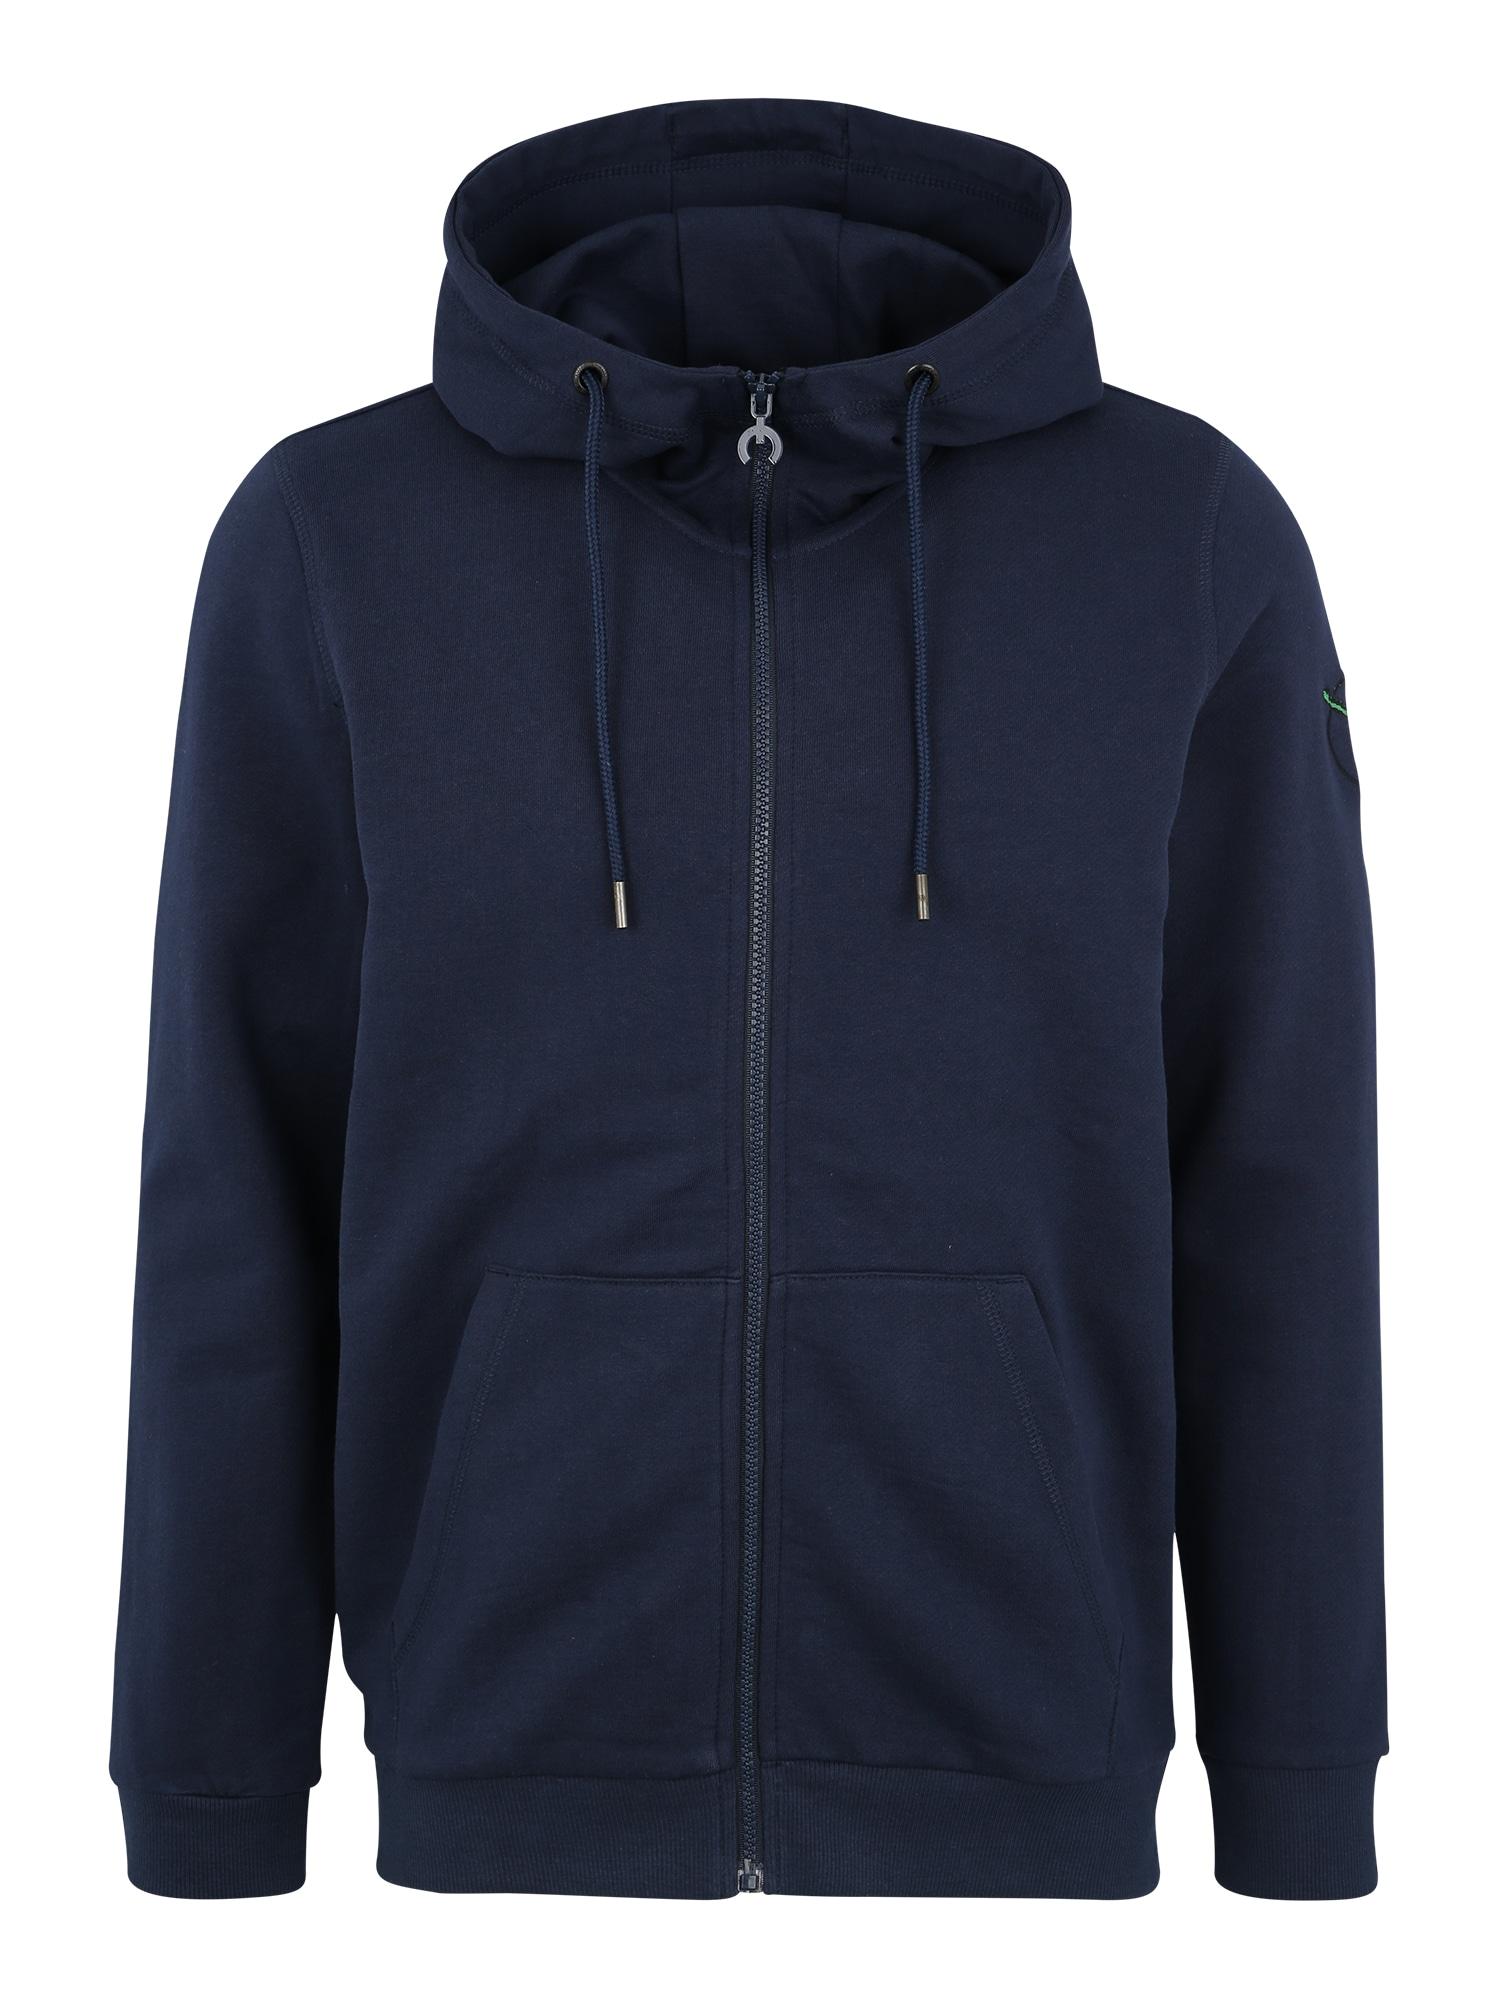 CHIEMSEE Sportinis džemperis tamsiai mėlyna